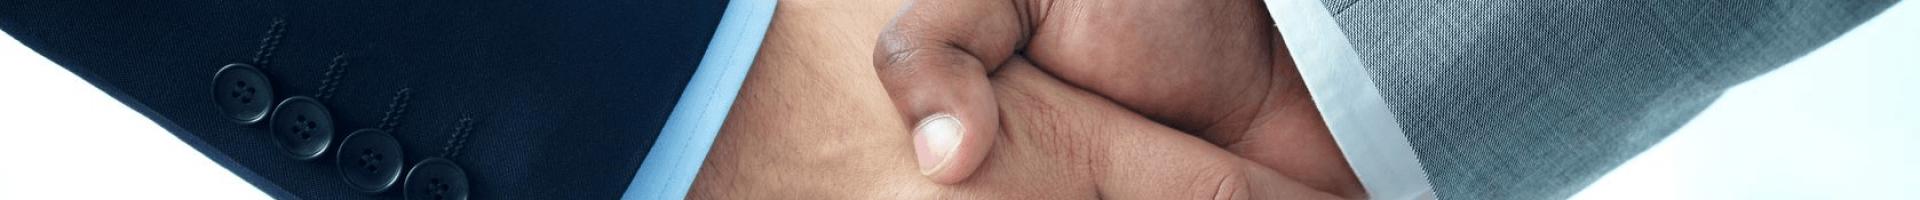 partner-hands